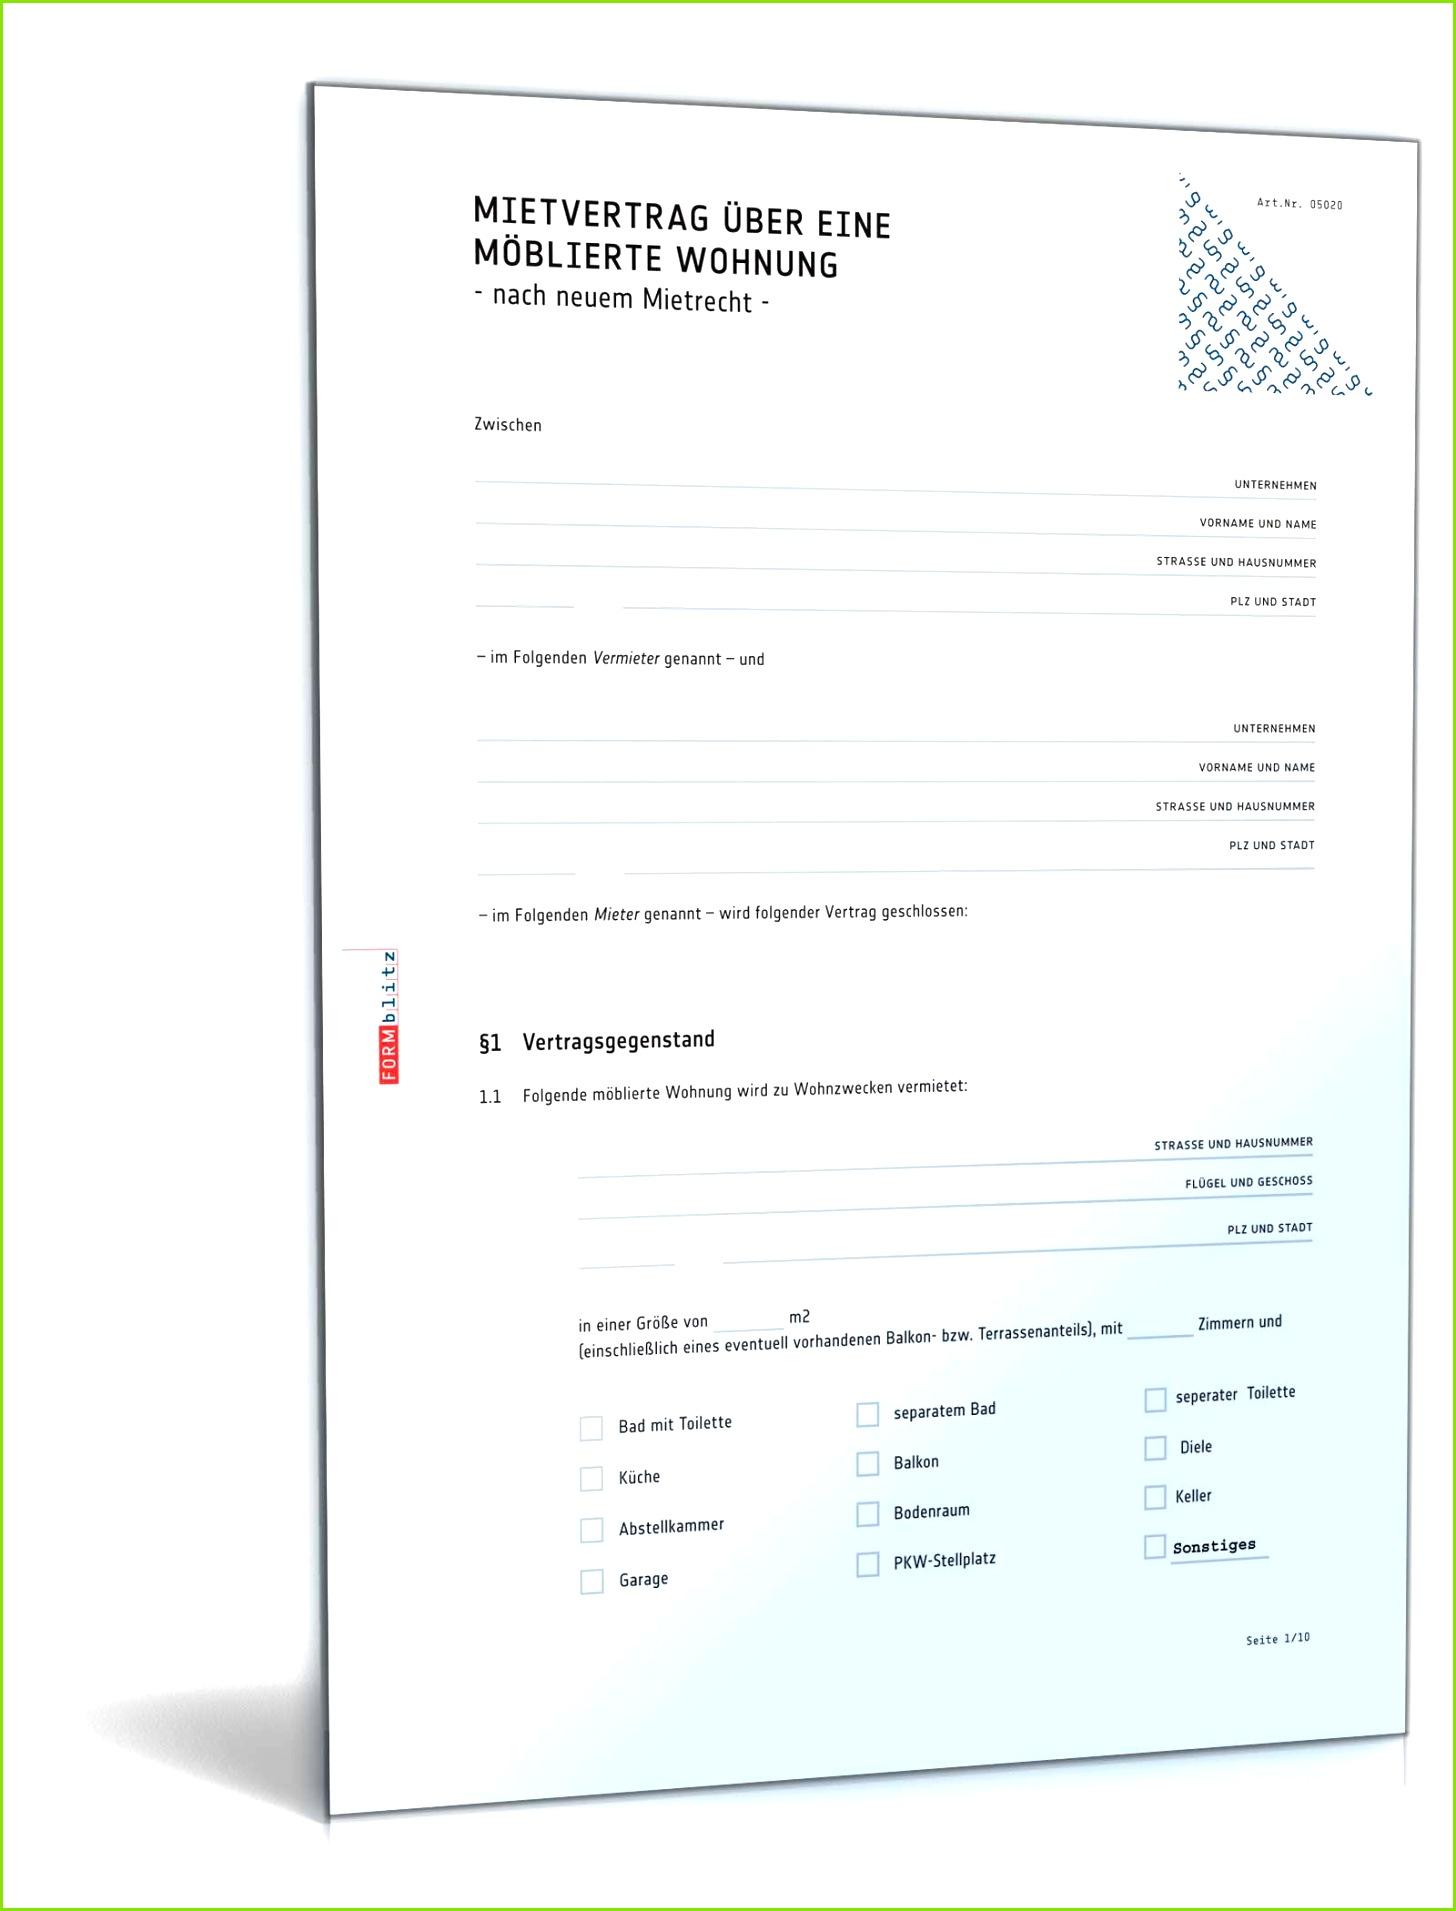 mietvertrag unbefristet moebliert 02